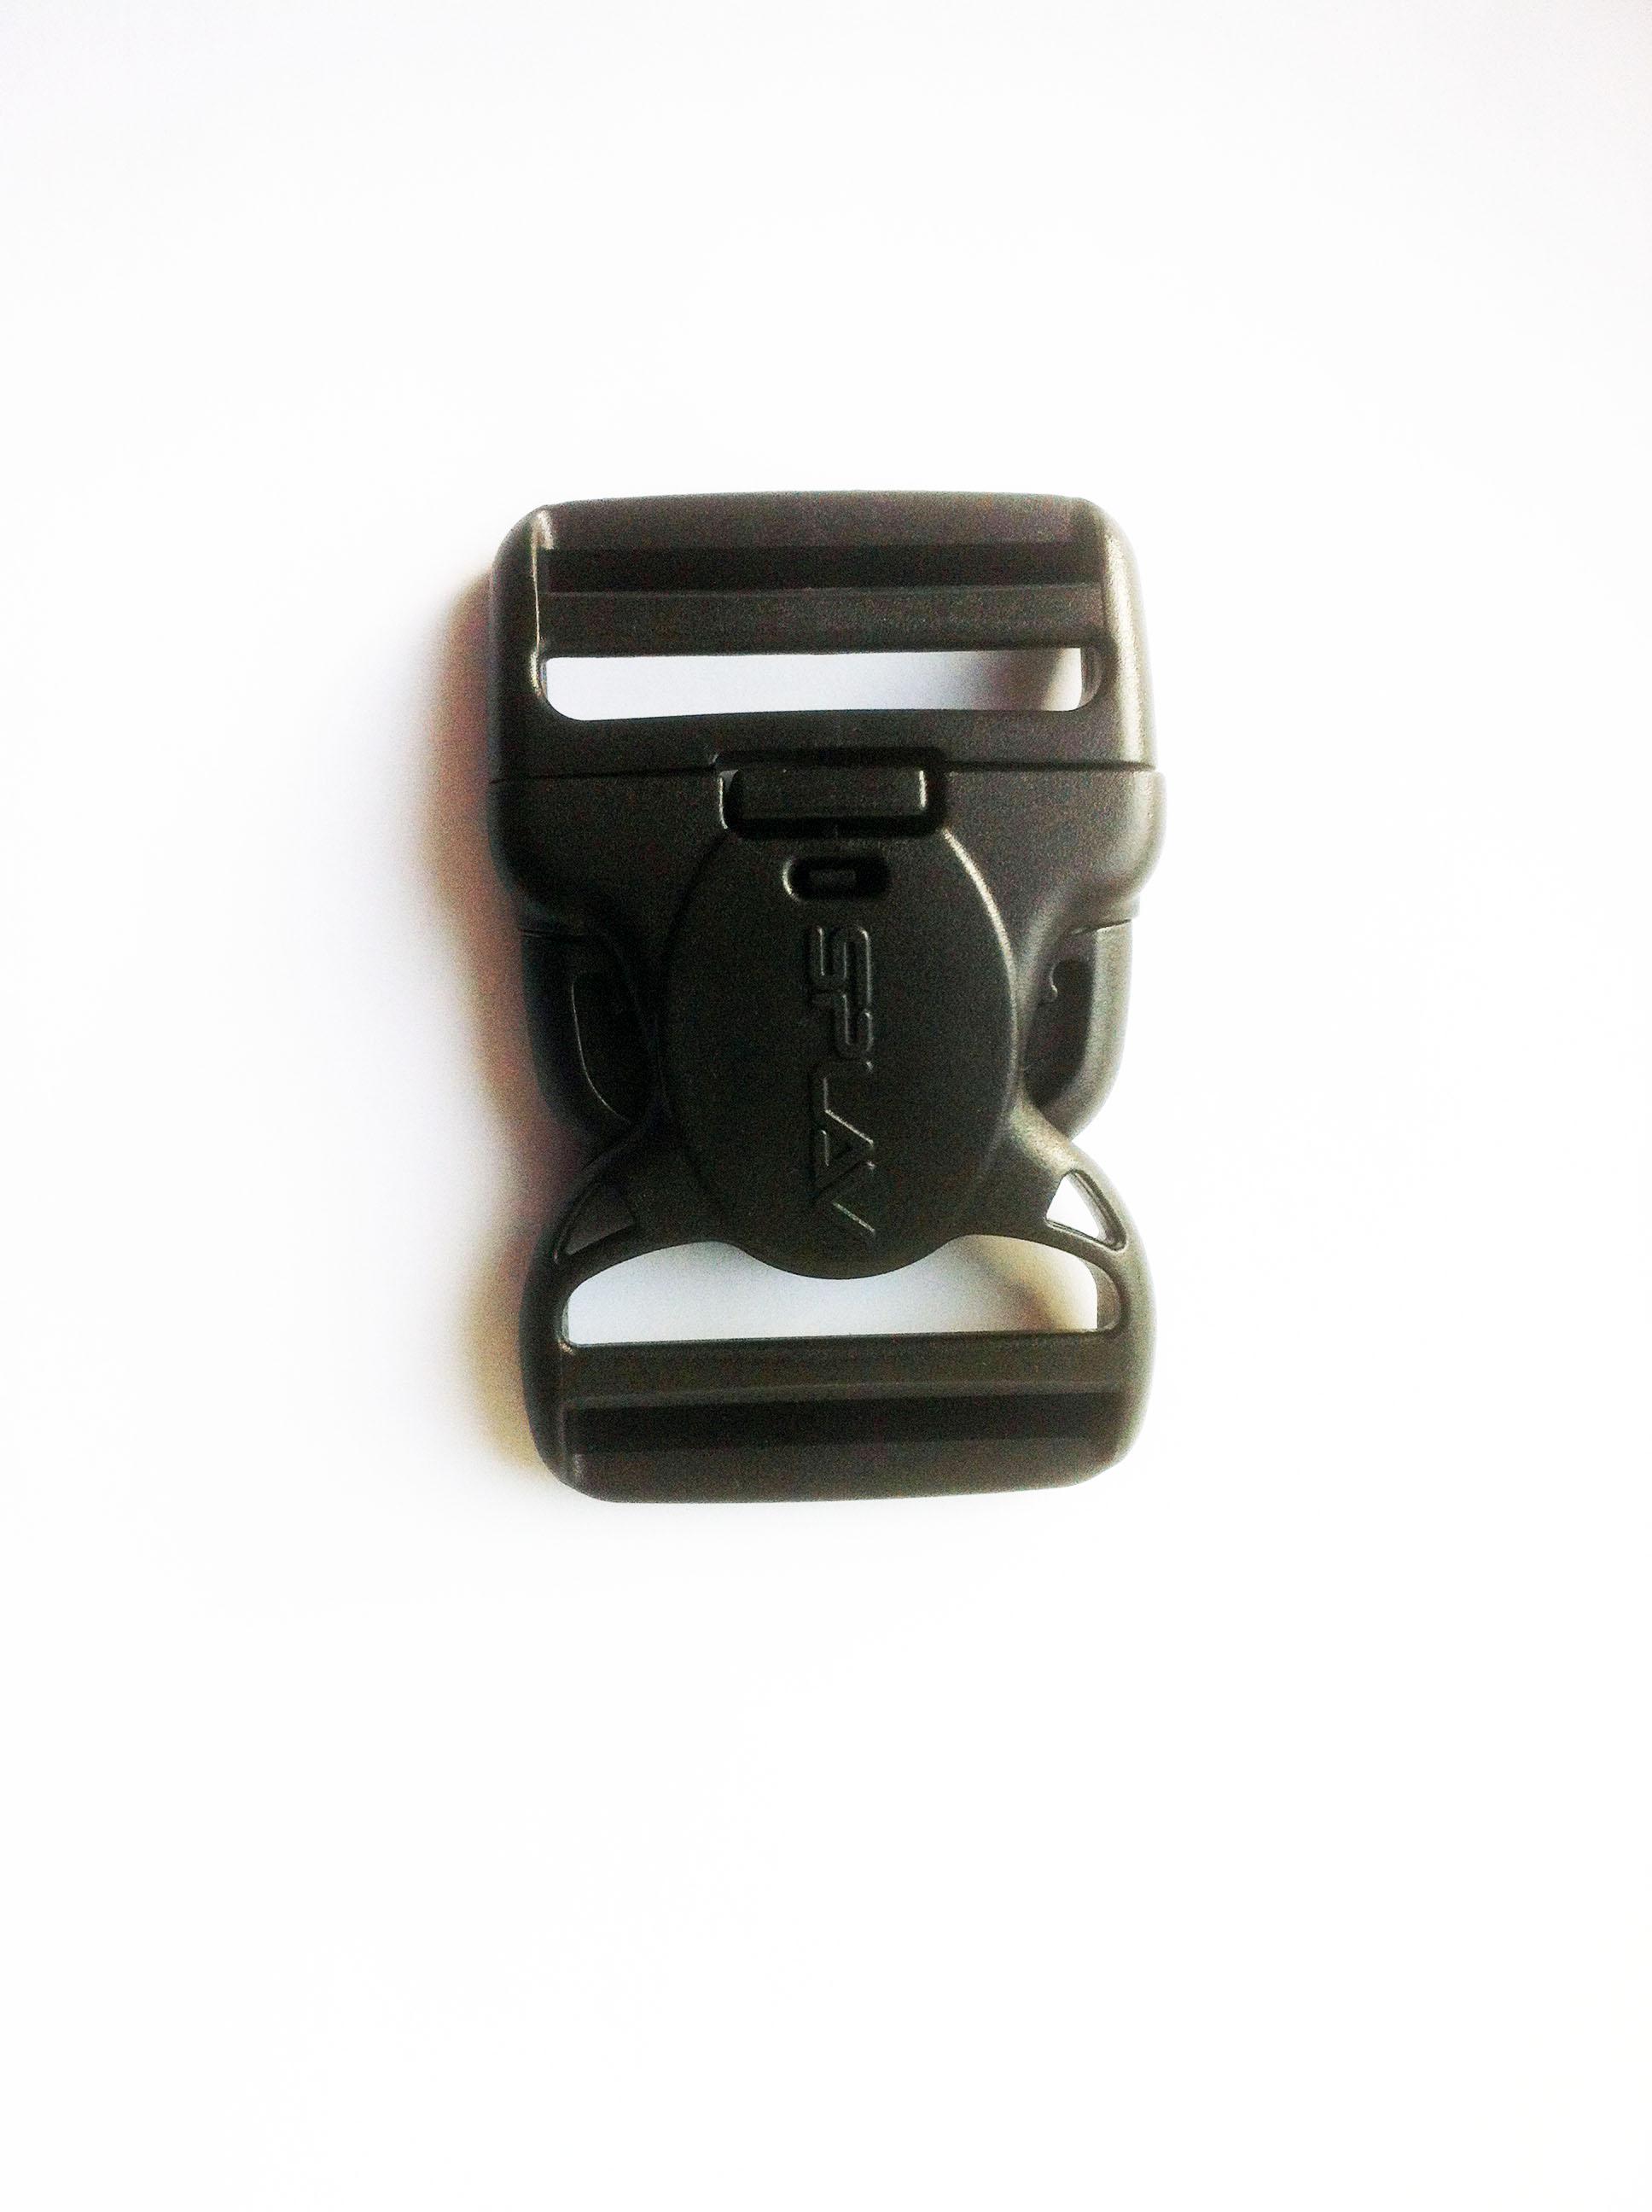 Пряжка фастекс с замком 50 мм 1-21120/1-20120 (2 части) две регулировки